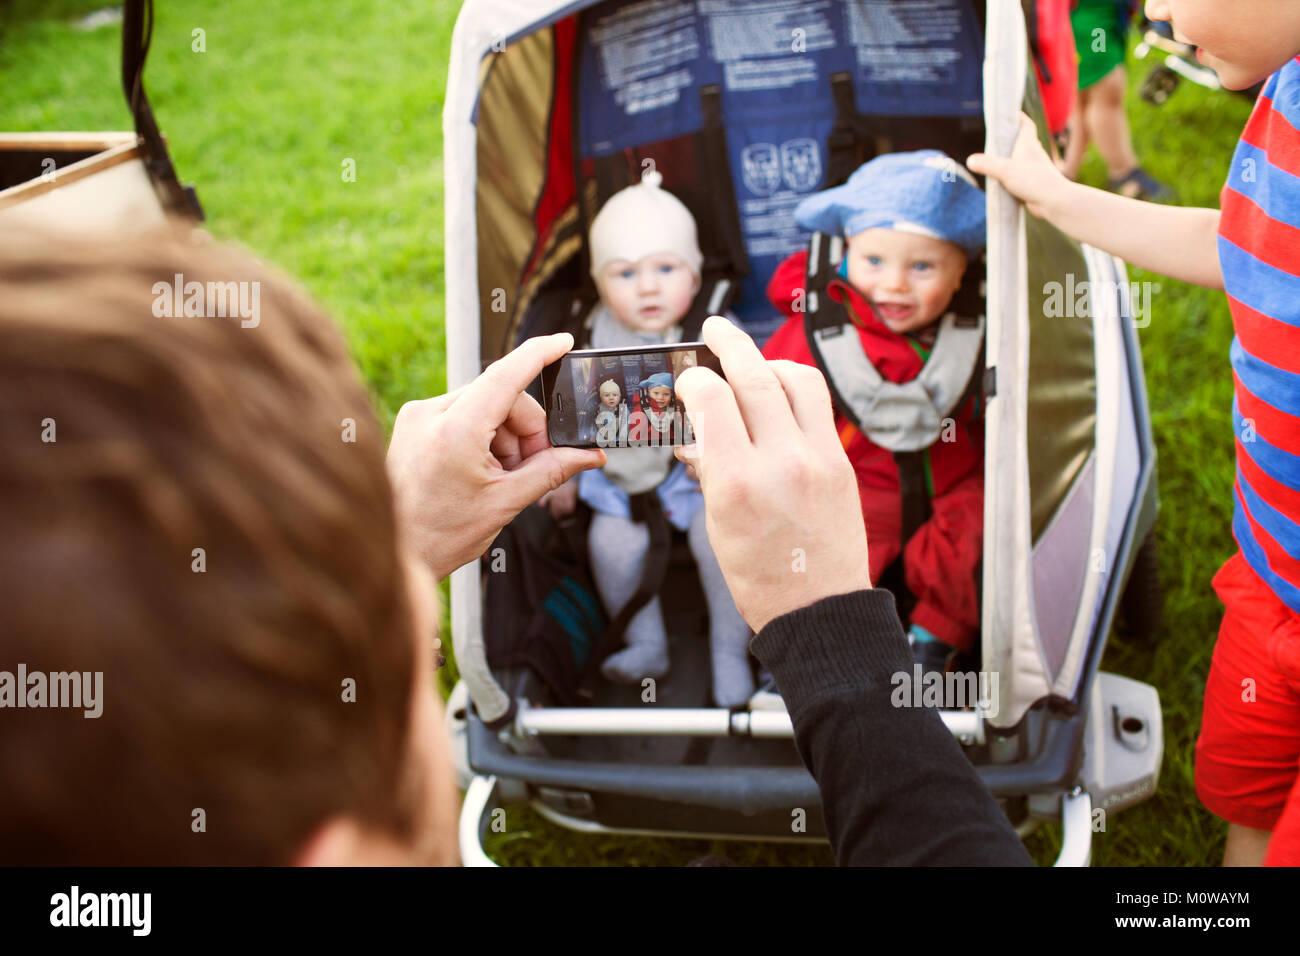 Père de prendre photo de bébés Photo Stock